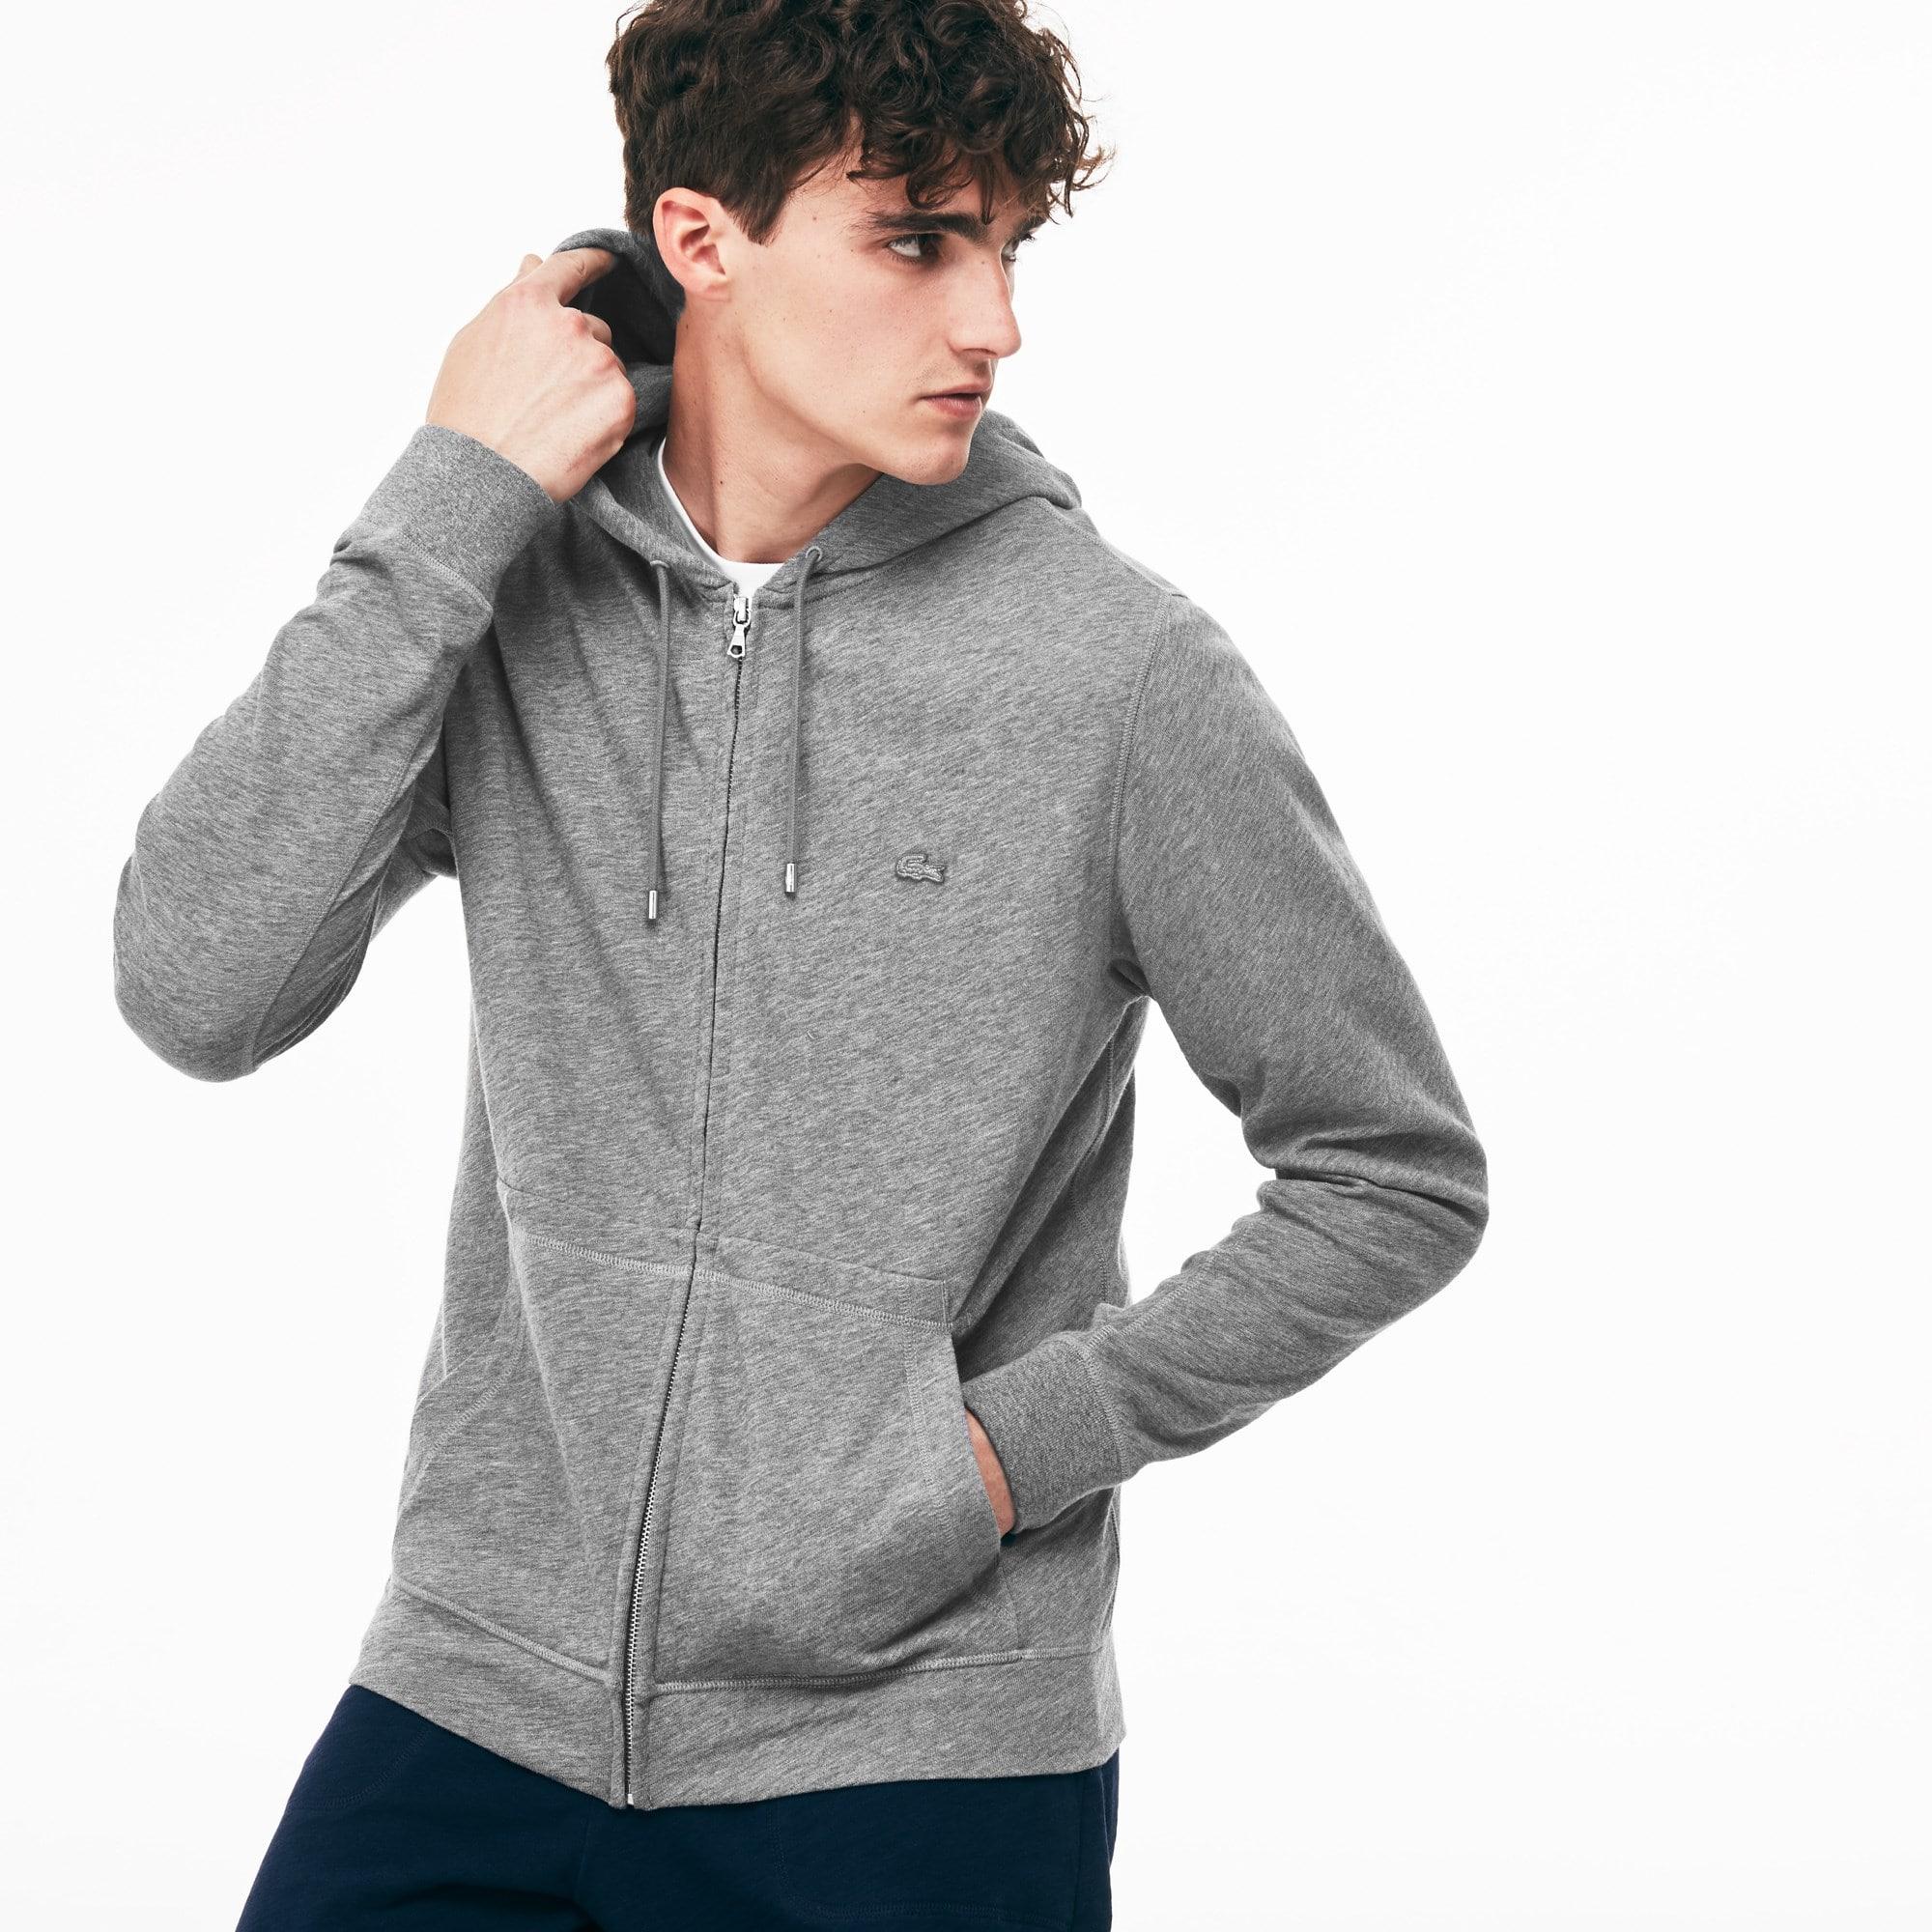 Herren-Sweatshirt MOTION aus Baumwoll-Fleece mit Kapuze